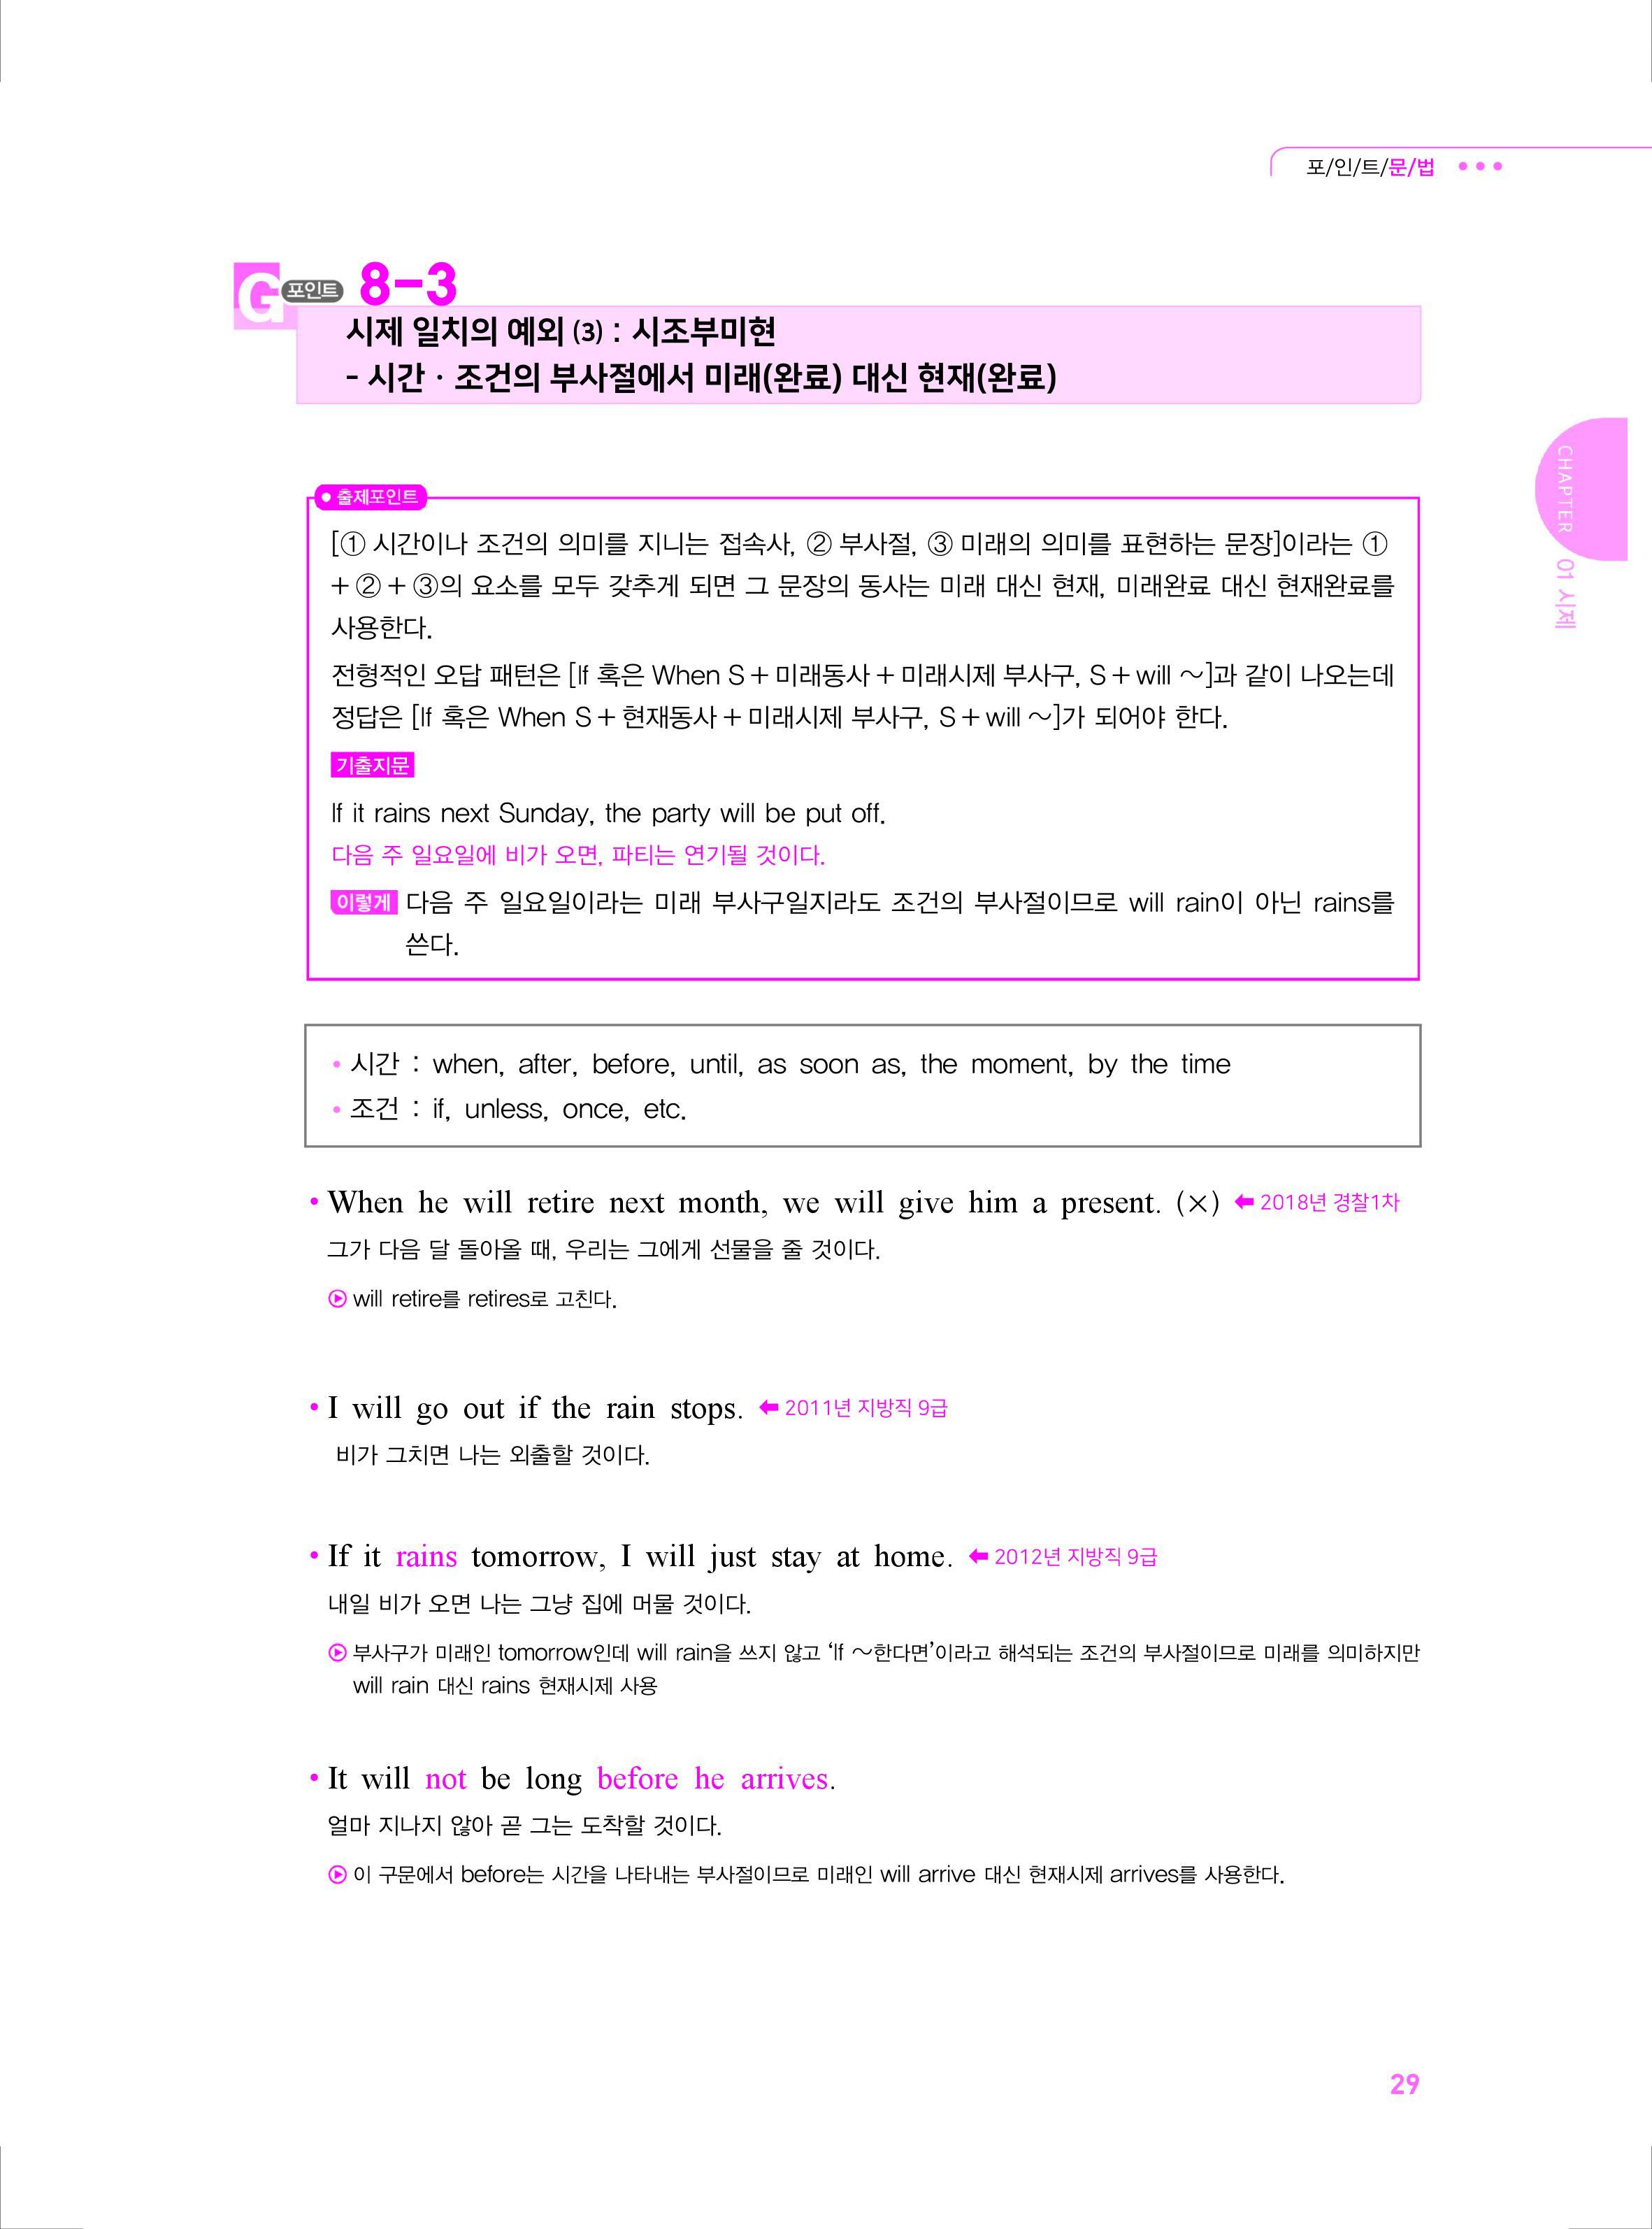 박지나 교재 미리보기 1